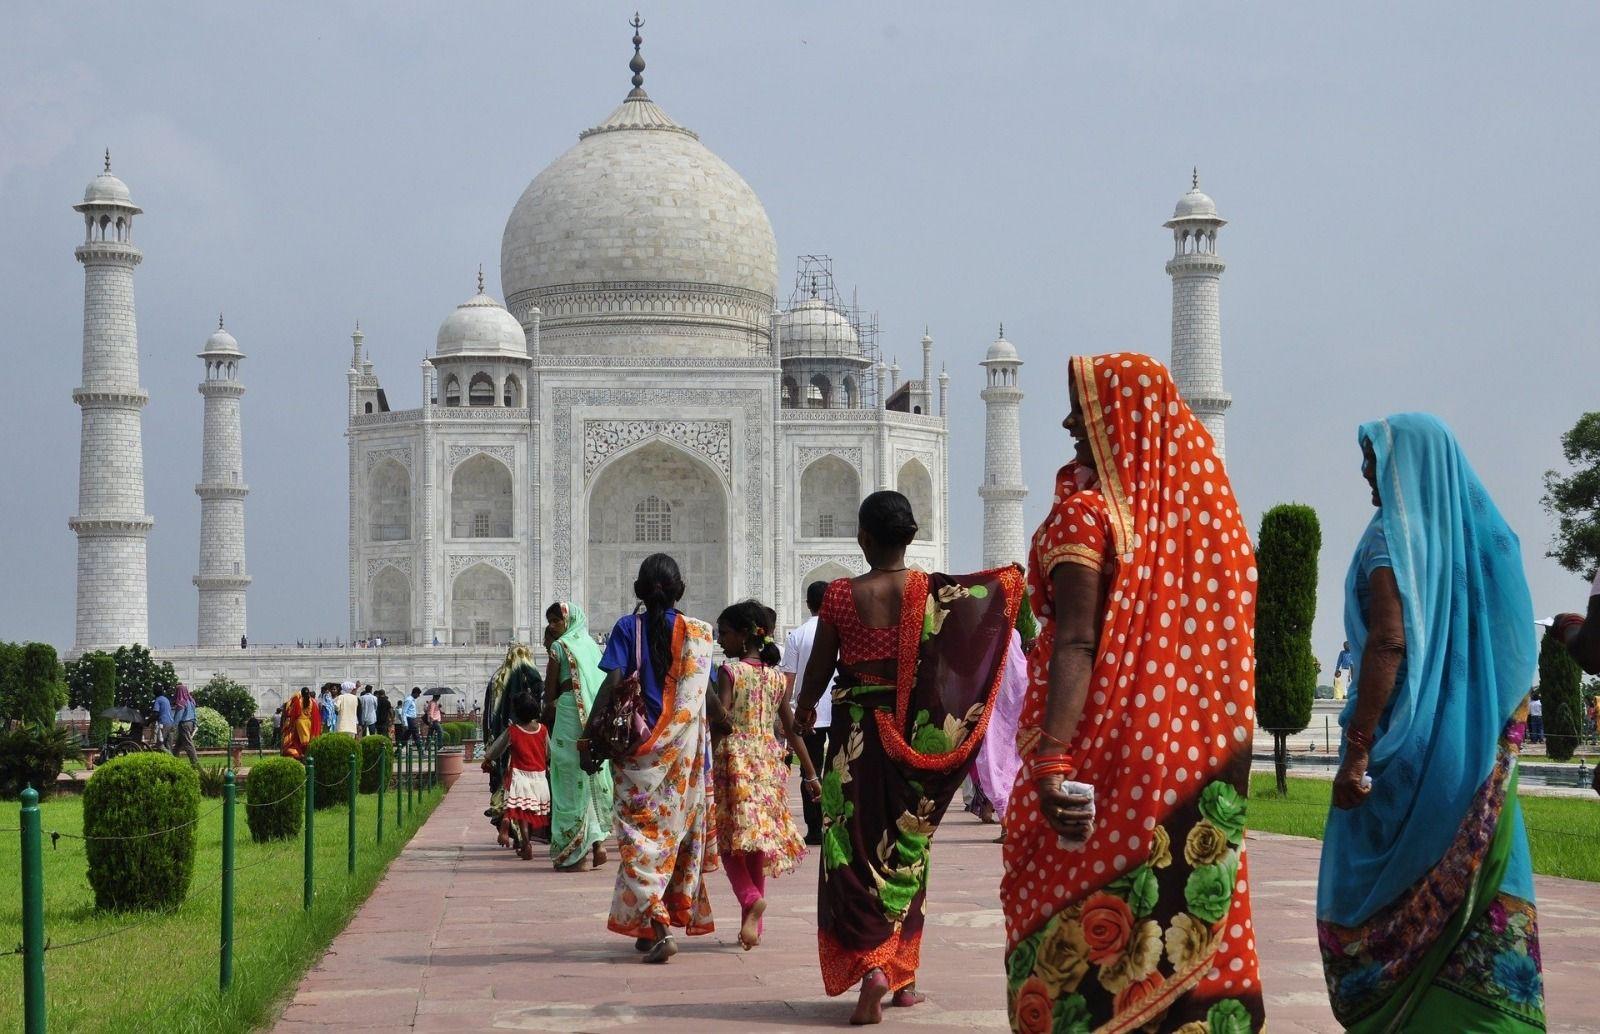 Hindistan Gezi Rehberi Hindistan'da gezilecek yerler